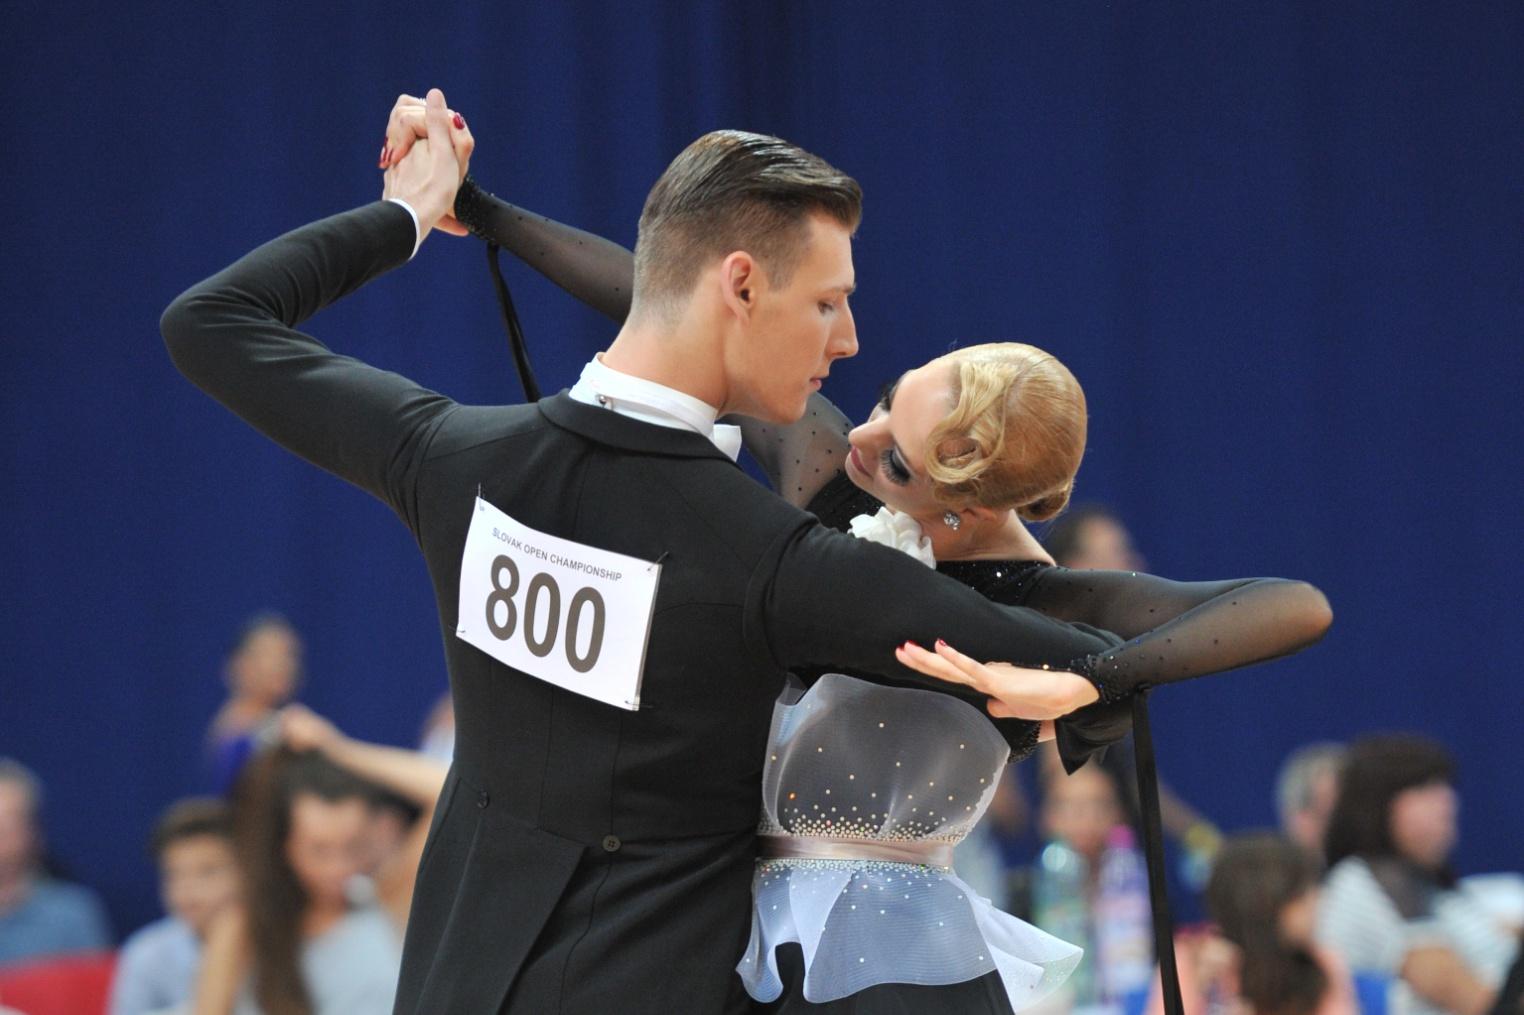 Jasha Nesteriuk und Dorothee Brinkmann